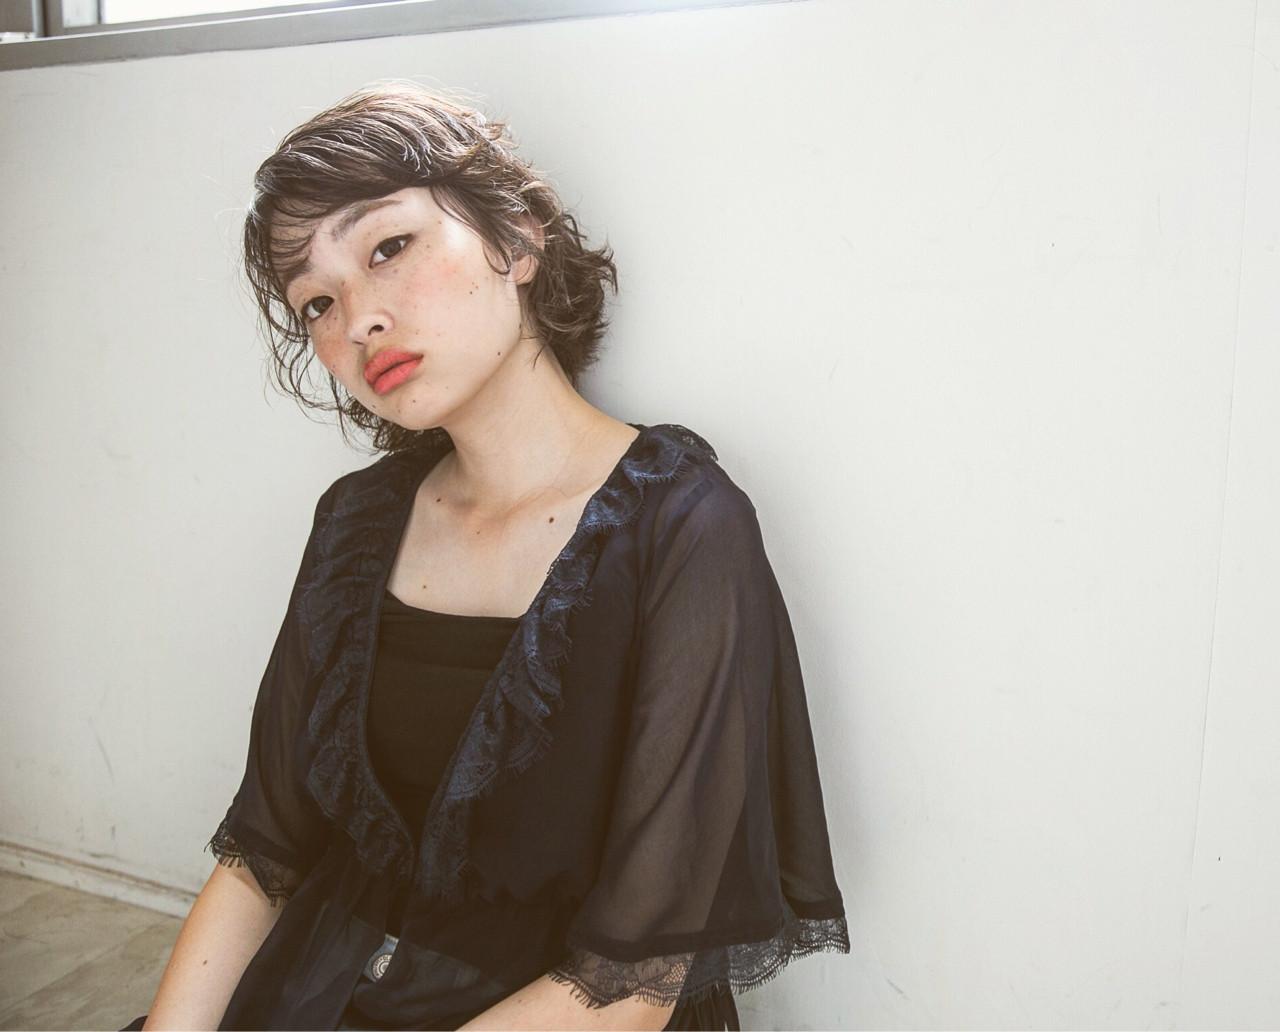 黒髪 ナチュラル パーマ モード ヘアスタイルや髪型の写真・画像